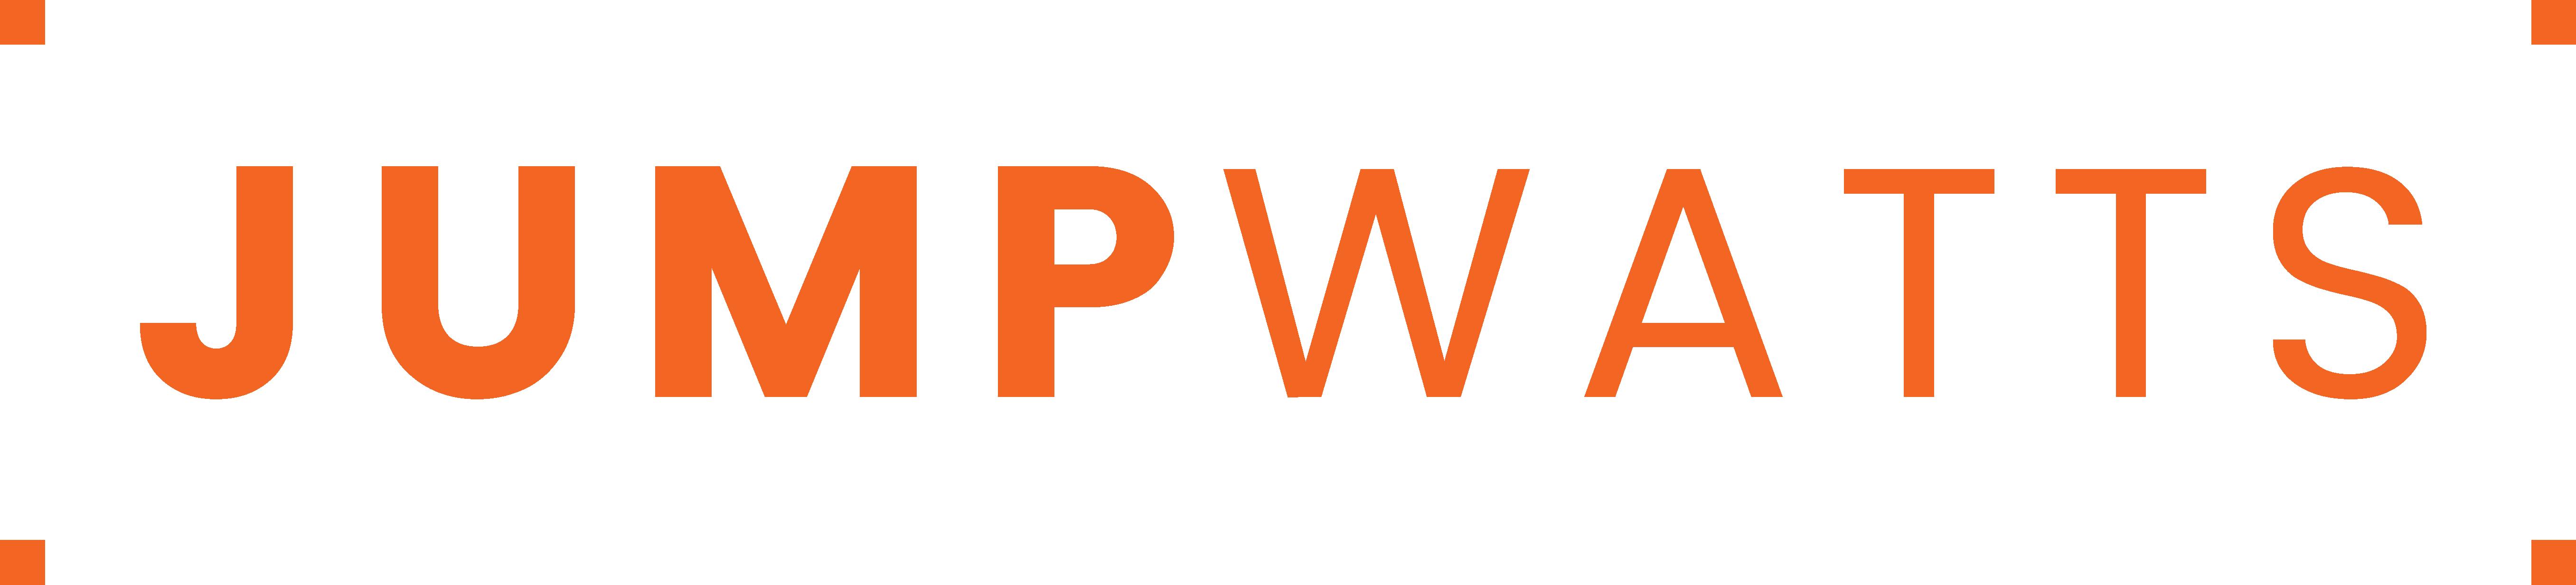 JumpWatts Logo